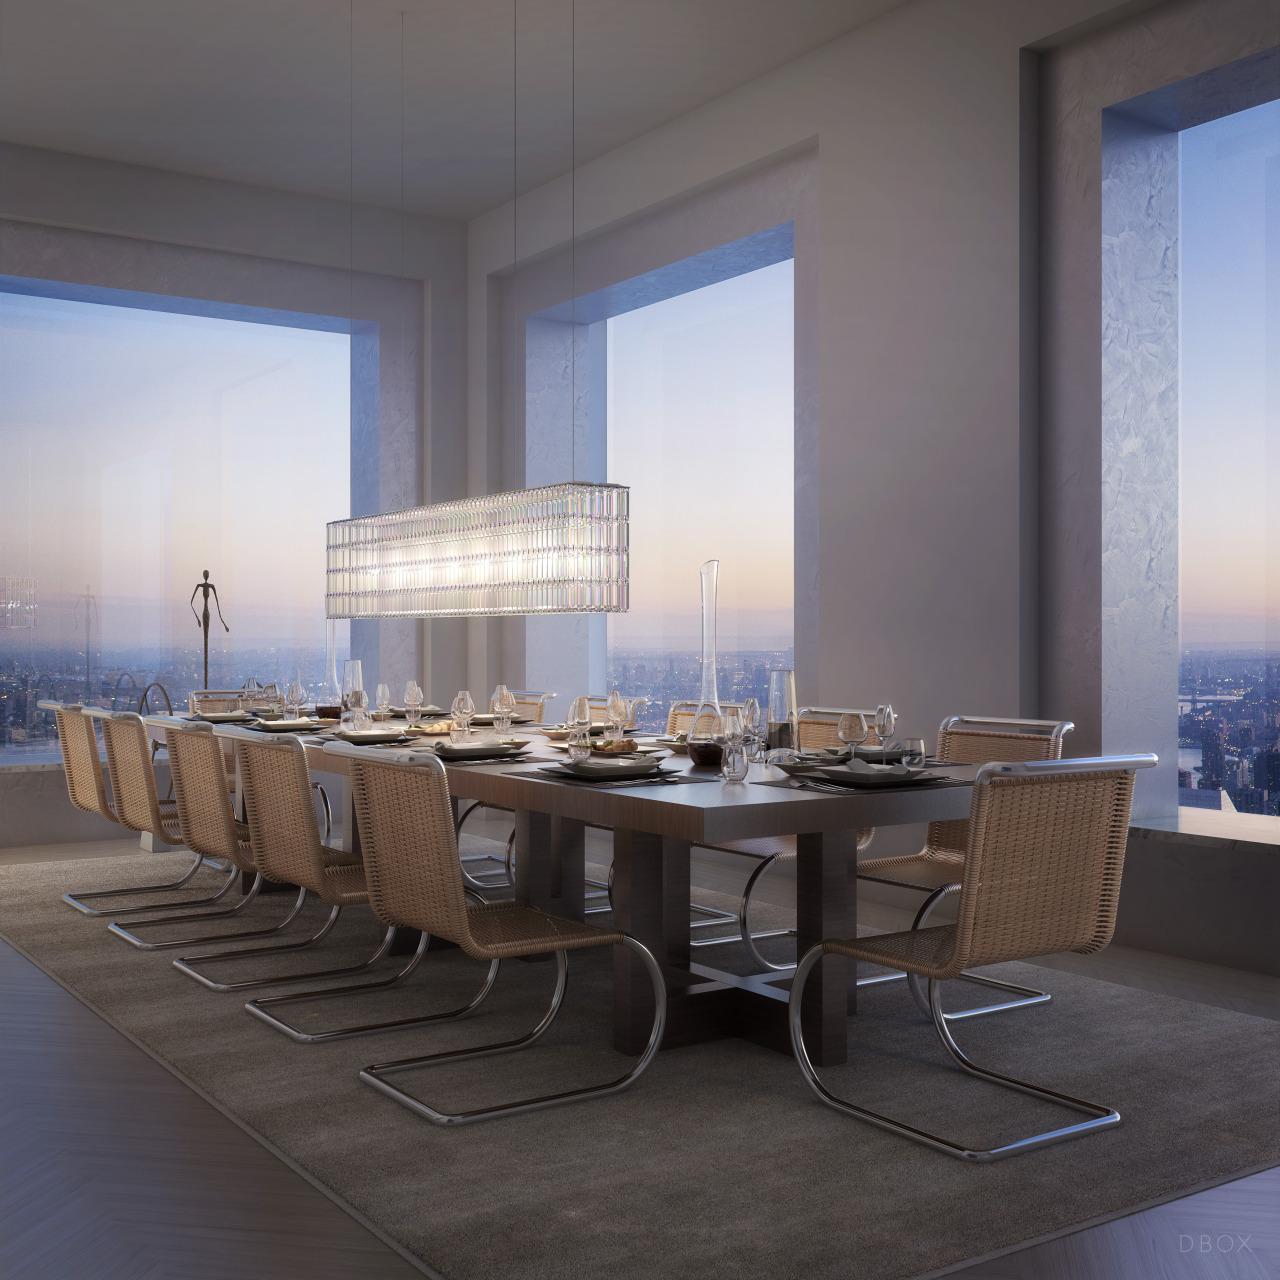 432 Park Avenue, DBOX, Macklowe Properties, Vinoly, Deborah Berke (30)